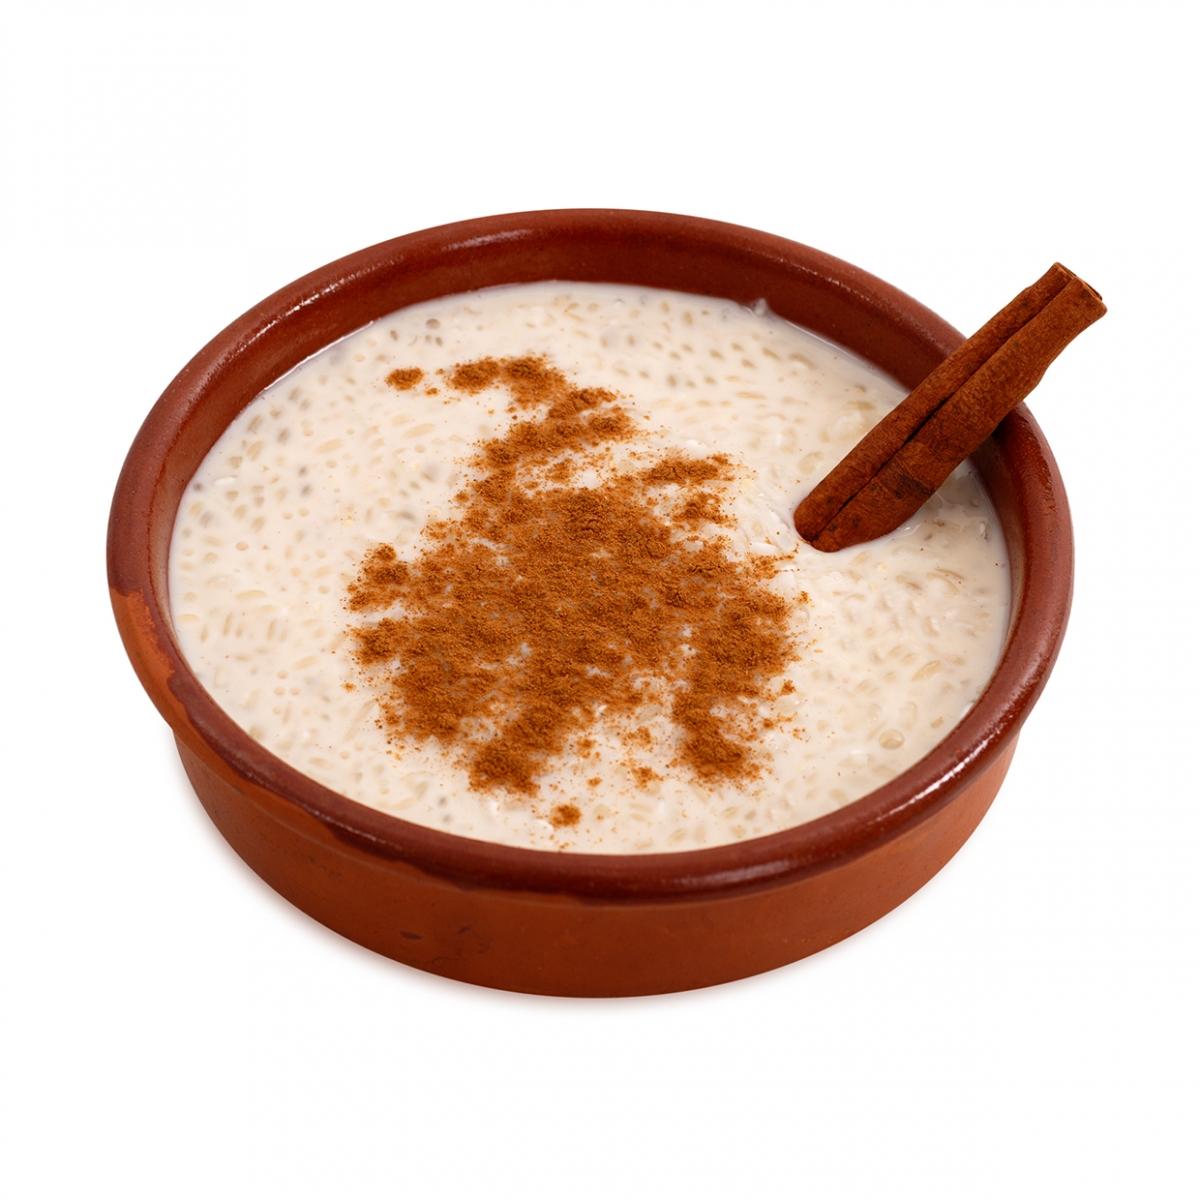 Imagen en la que se ve un arroz con leche